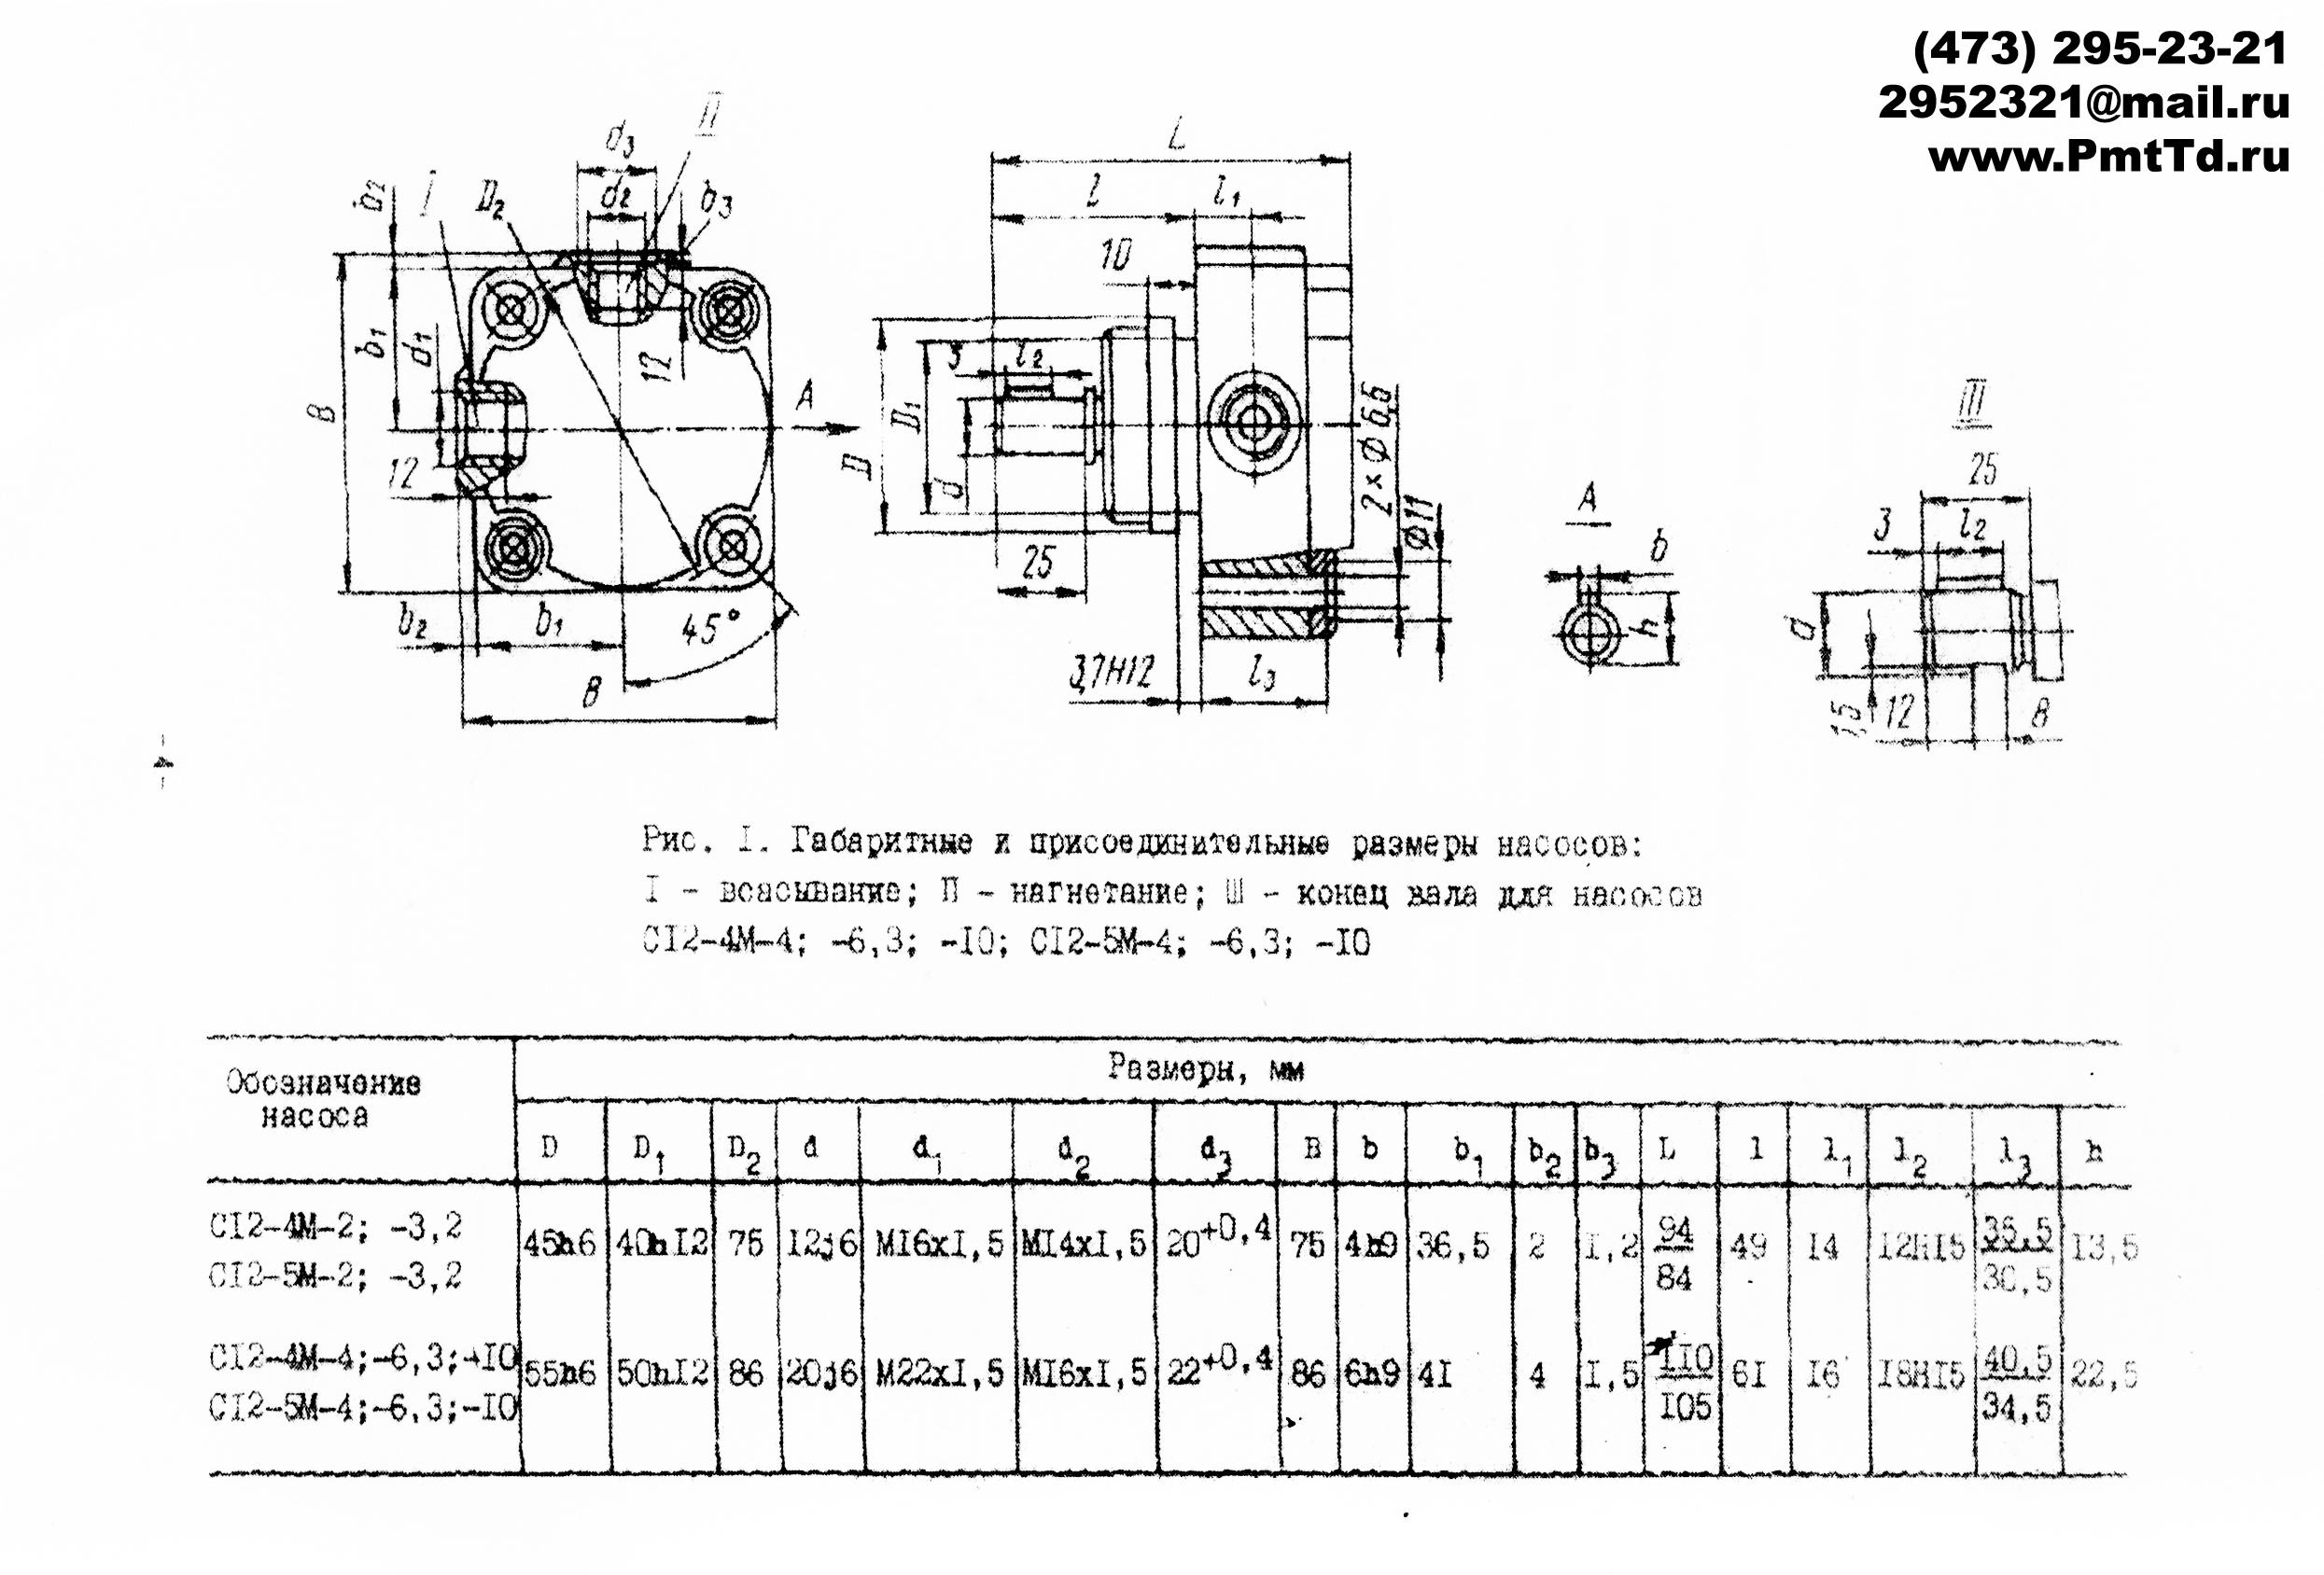 Габаритные и присоеденительные размеры насосв С12-4М-4  С12-4М-6,3 С12-4М-10 С12-5М-4  С12-5М-6,3 С12-5М-10